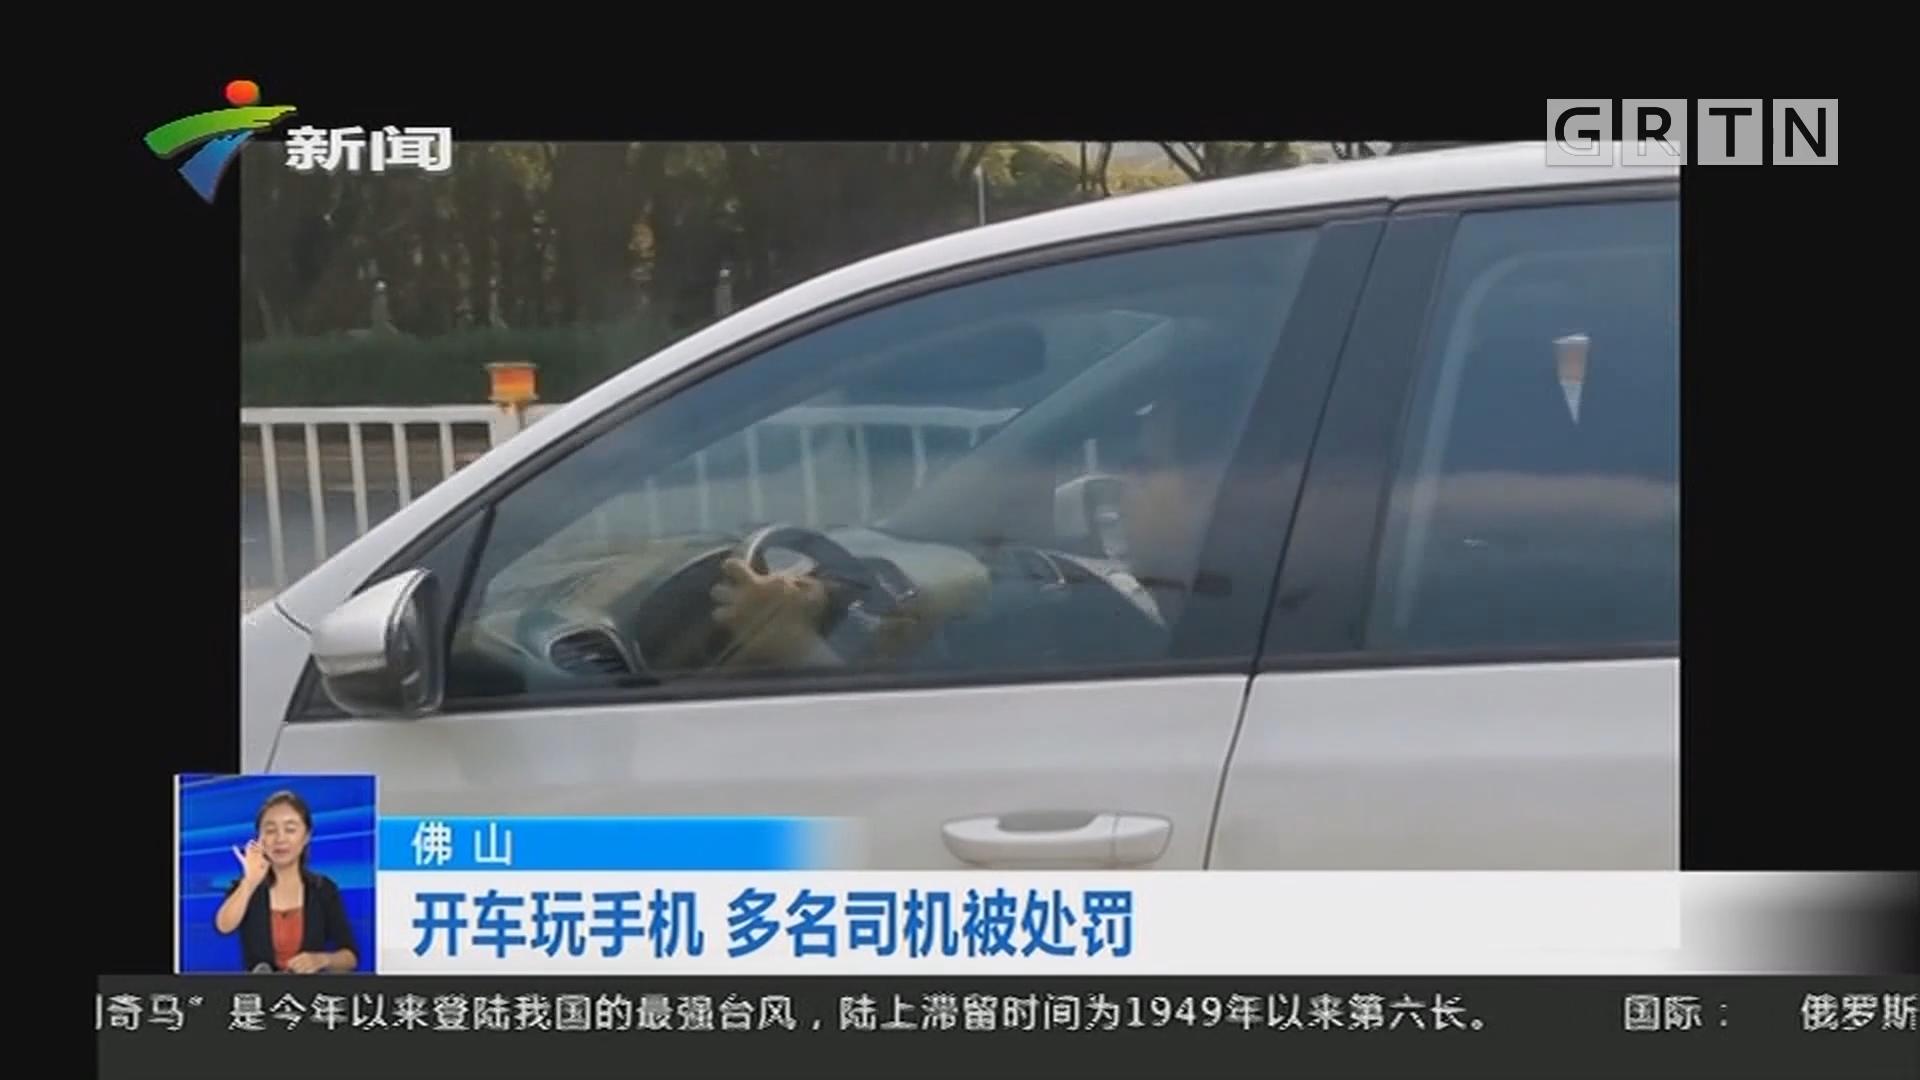 佛山:开车玩手机 多名司机被处罚